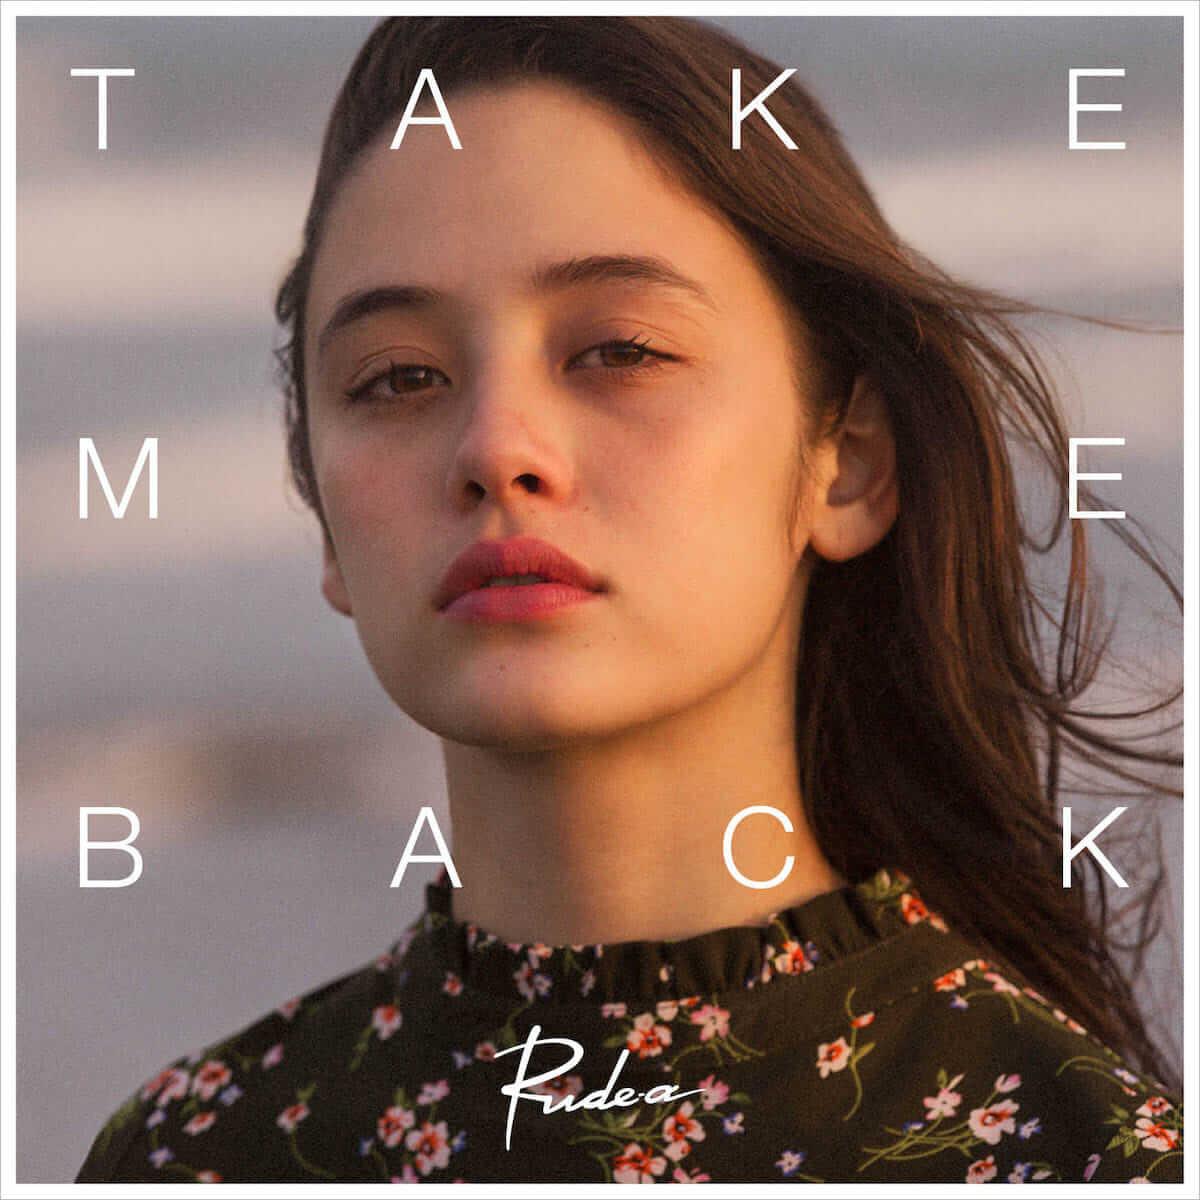 沖縄出身21歳、注目の新世代ラッパーRude-α新曲「Take me back」MV公開 music180827_rude-alpha_1-1200x1200